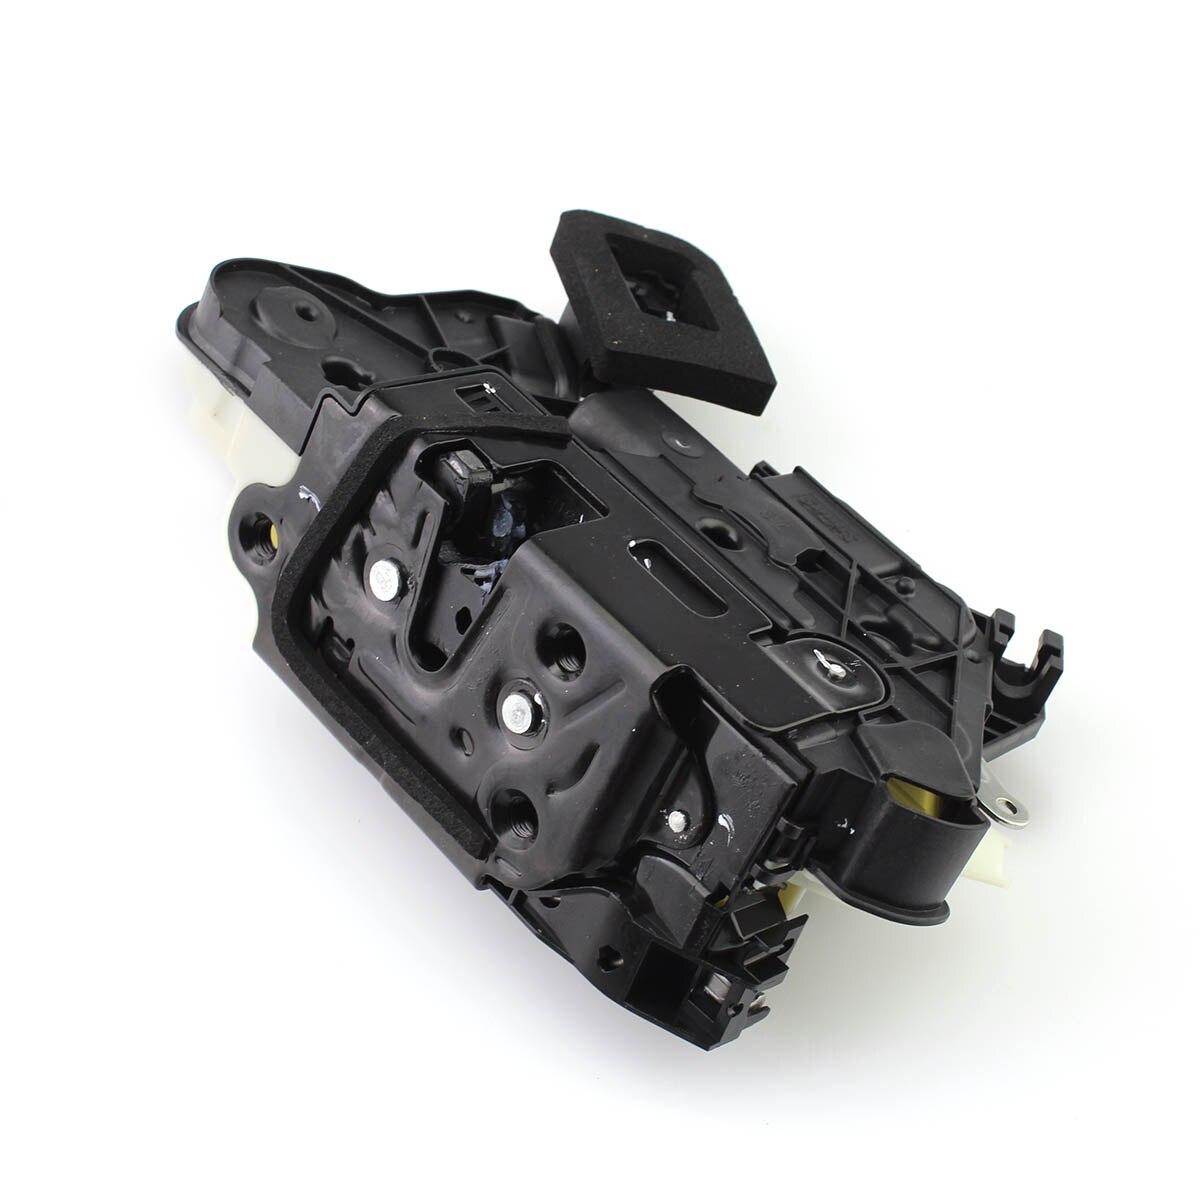 6RD837015A передний левый DR замки защелки привод для VW Beetle Гольф Jetta Passat